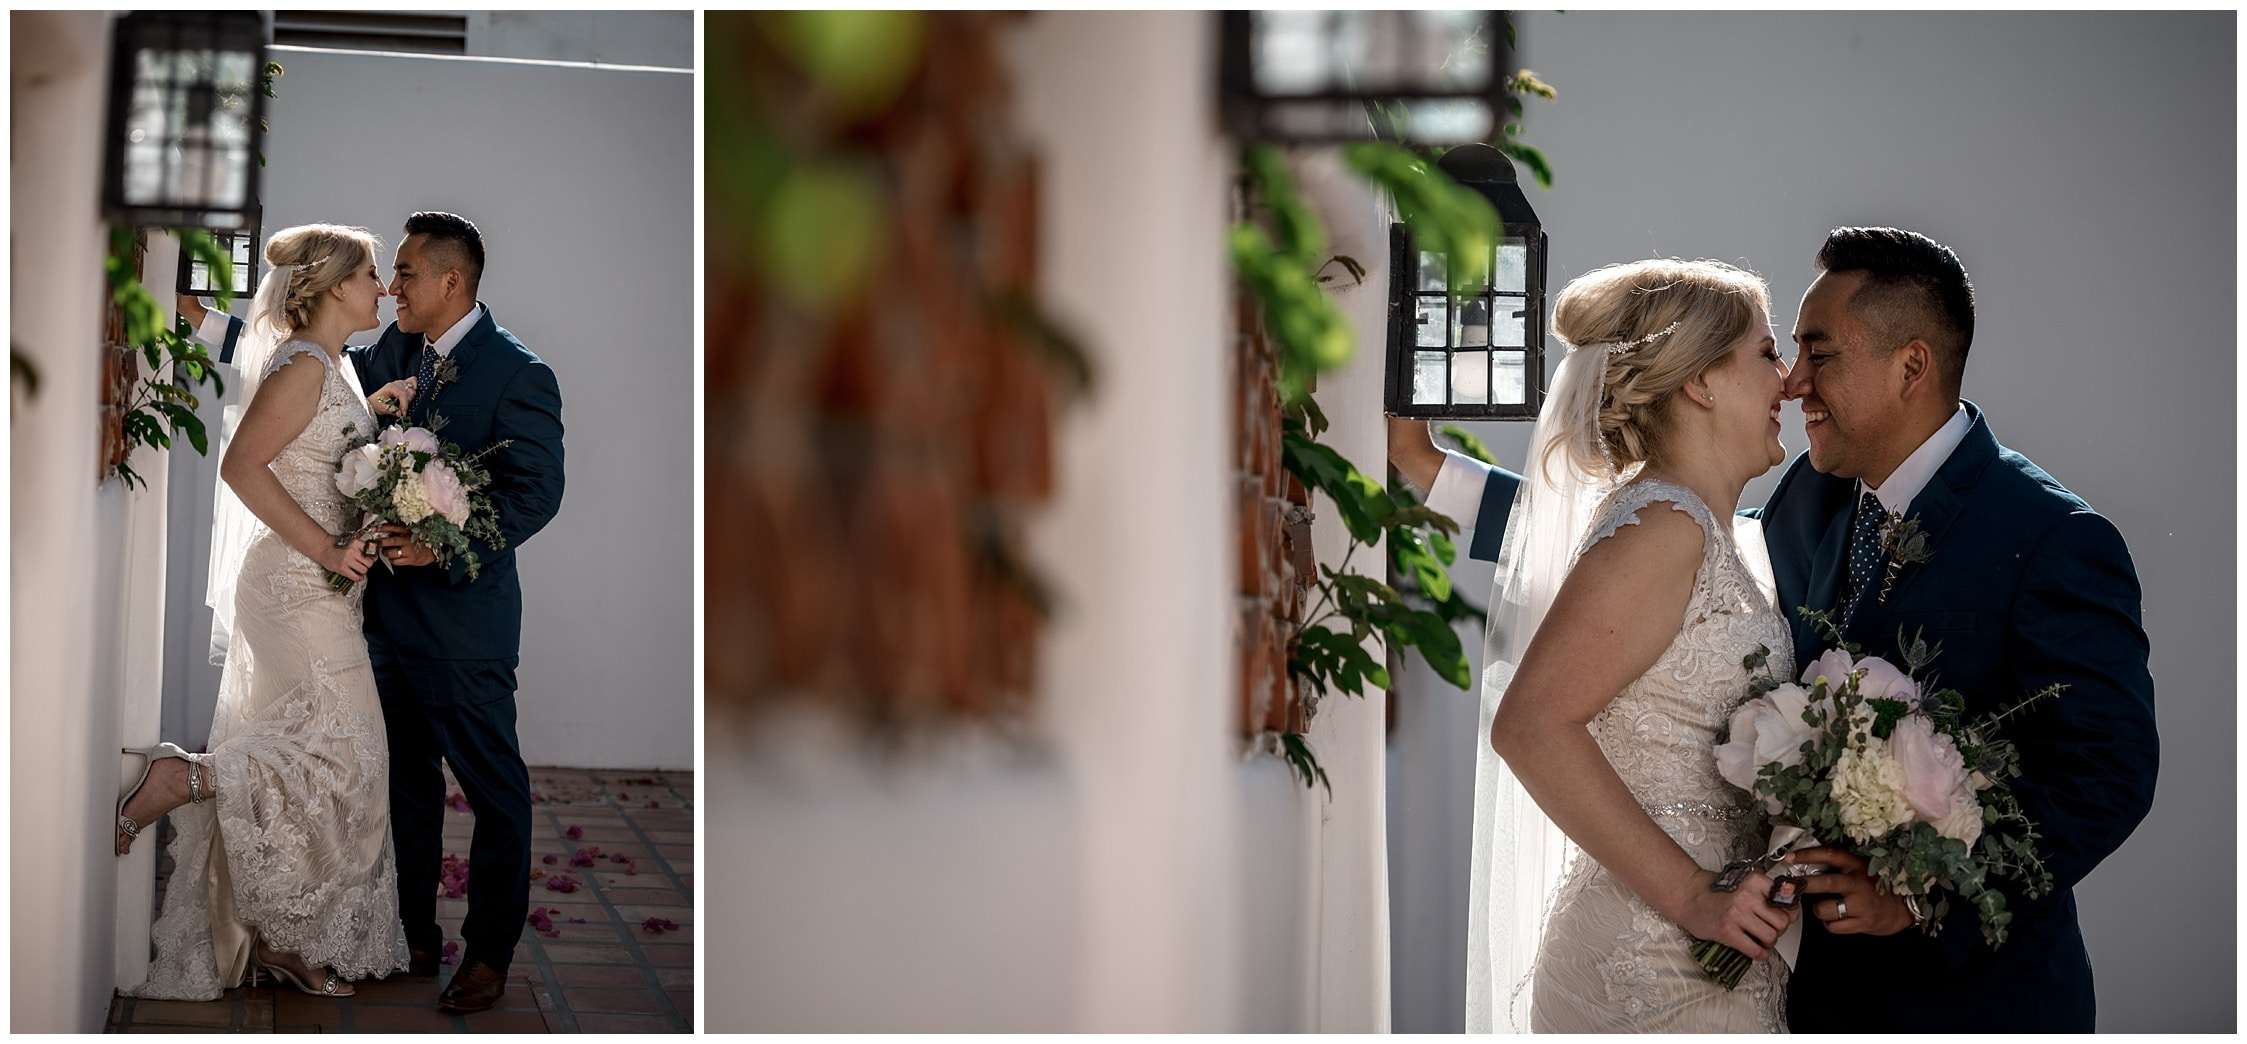 Bria + Brenner Wedding at Lavender Bistro La Quinta 61